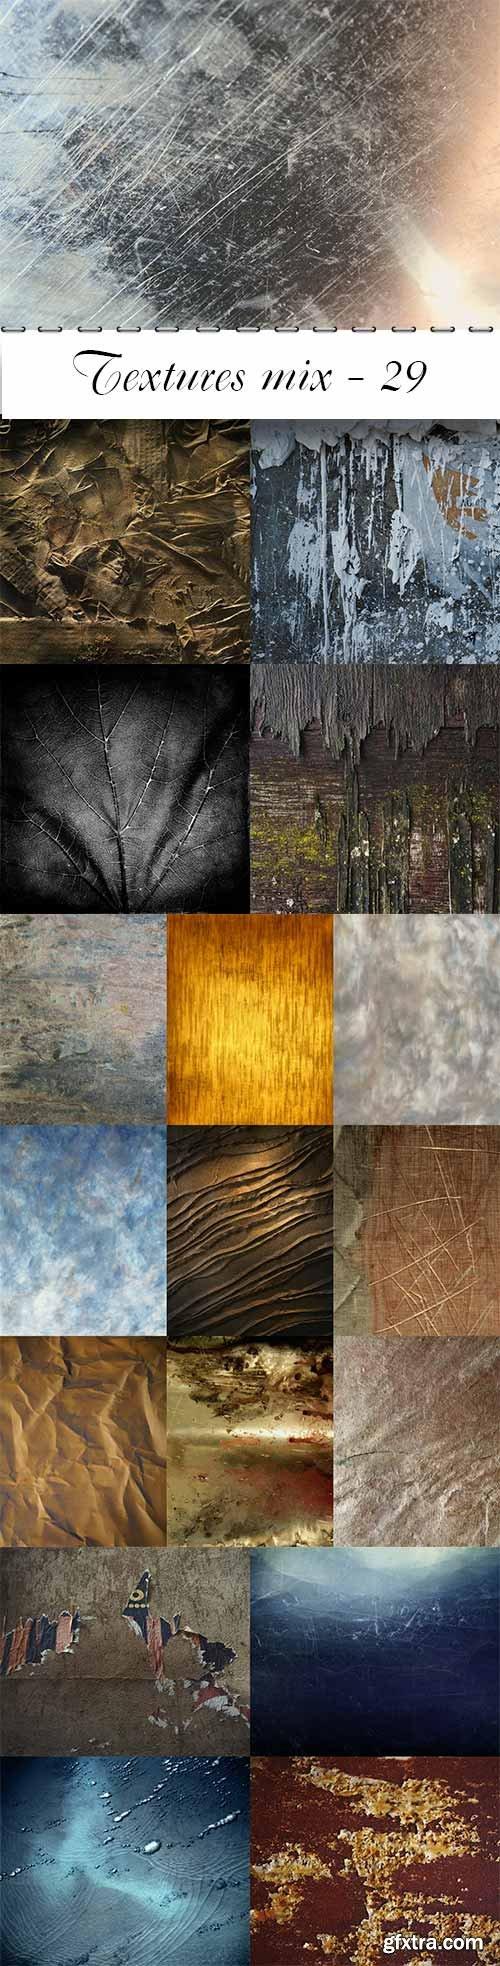 Textures mix - 29